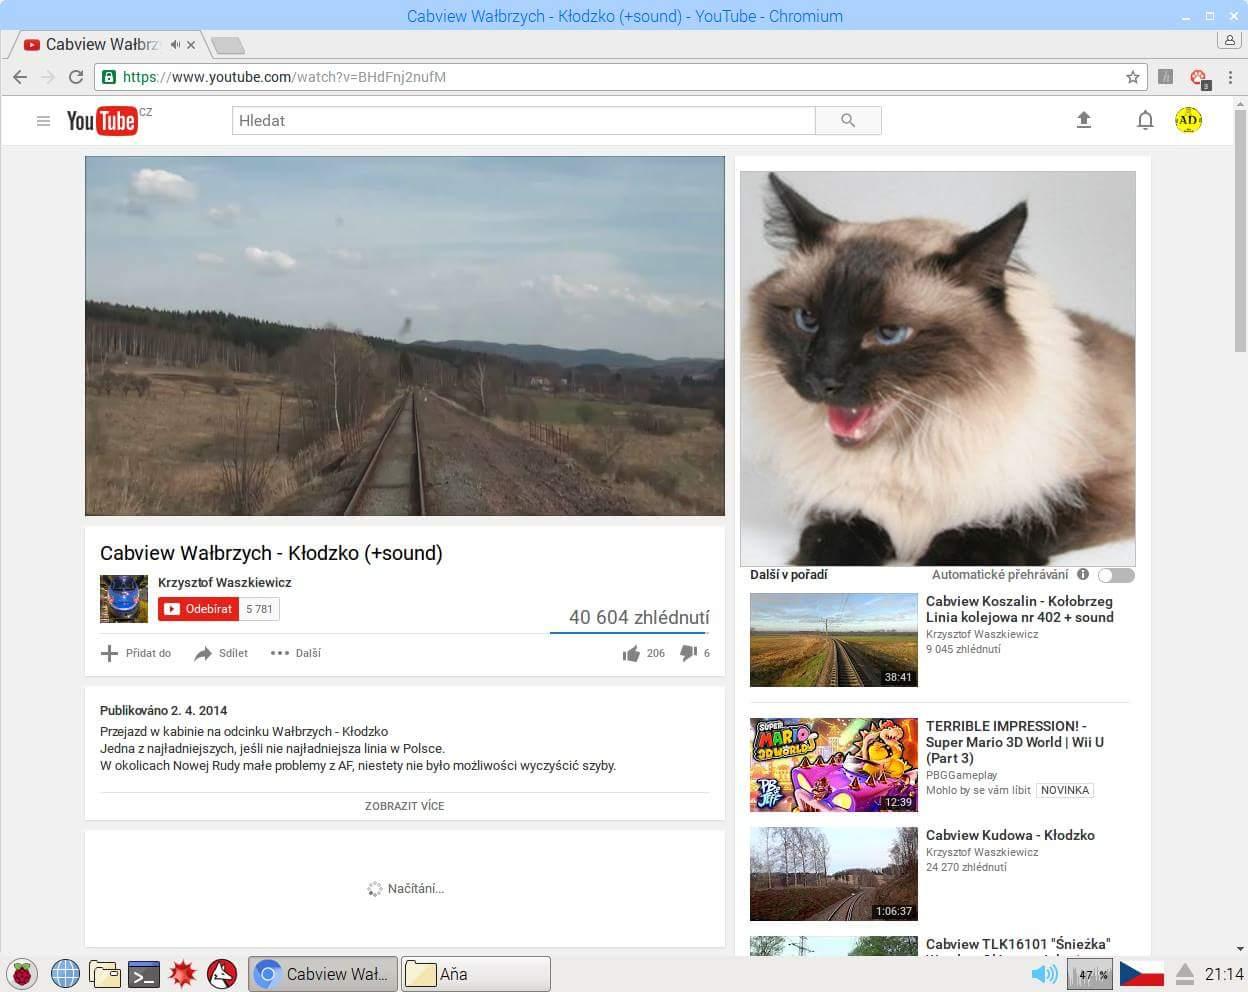 Catblock zase elegantně nahrazuje reklamy za obrázky koček.